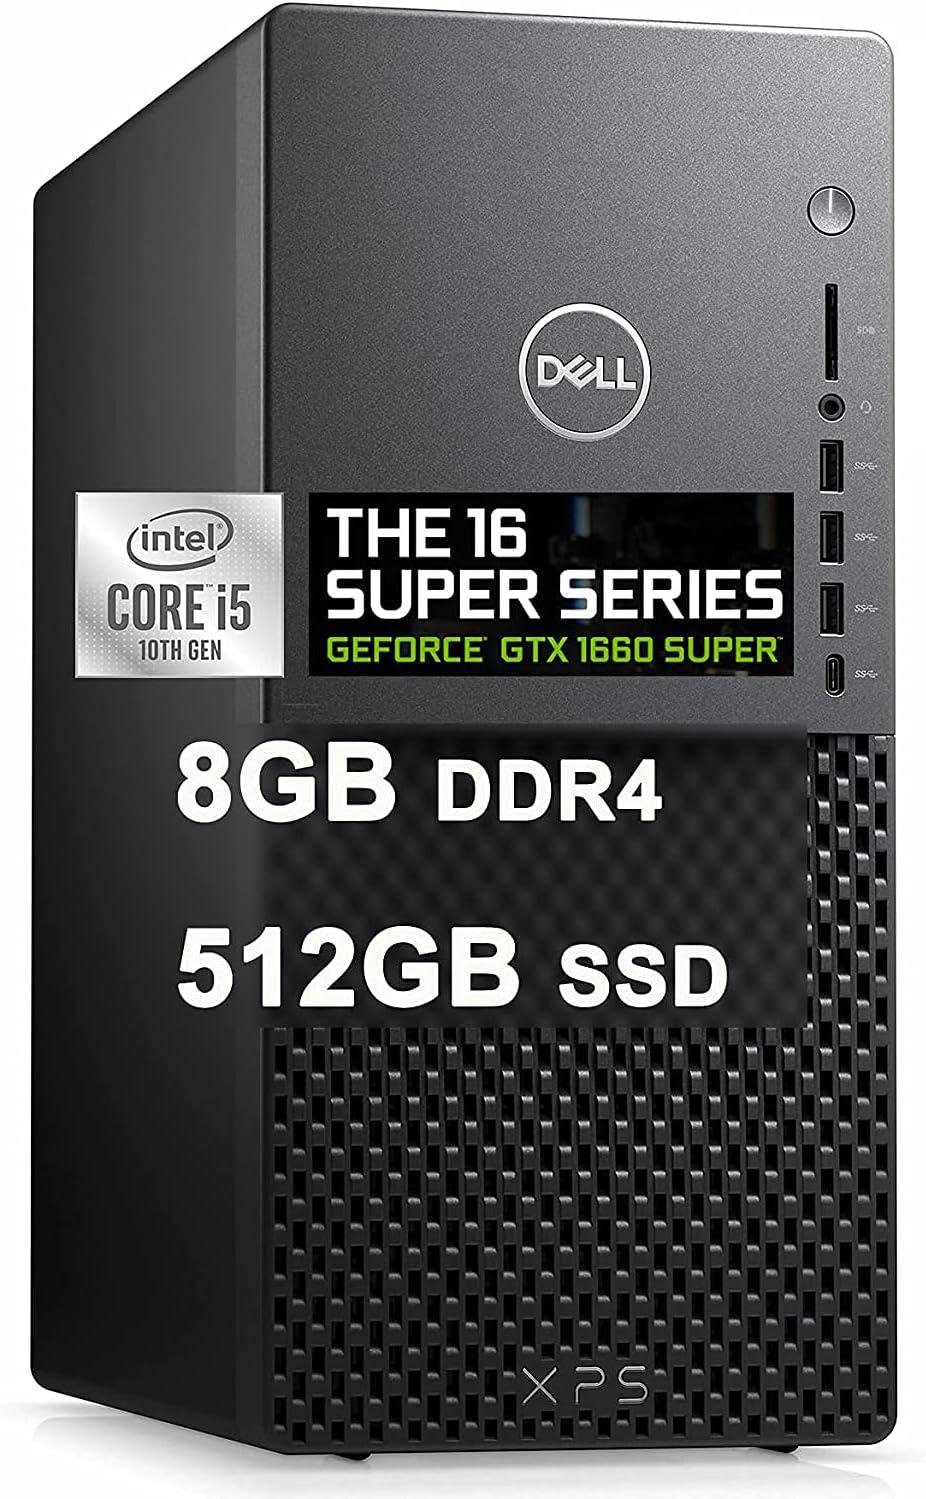 Dell Premium XPS 8940 Gaming Desktop Computer I 10th Gen Intel 6-Core i5-10400 Processor (Beats i7-8700T) I 32GB DDR4 512GB SSD I Geforce GTX 1660 Super 6GB I USB-C WiFi Win10